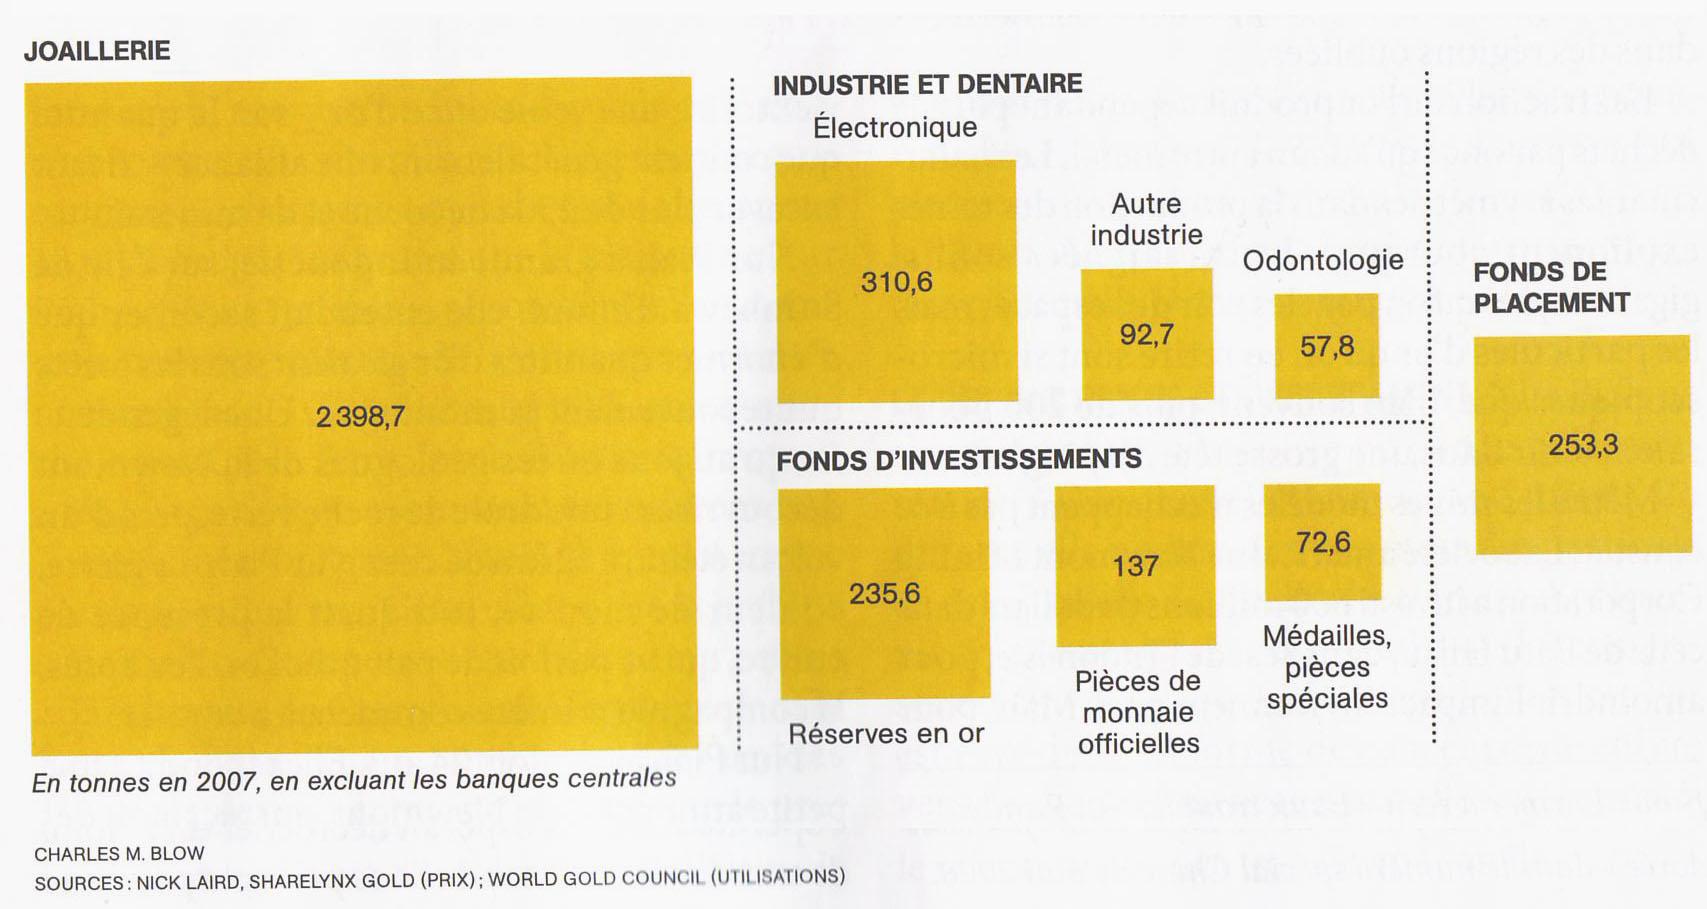 Les pièces d or occupent aujourd hui une place plutôt réduite par rapport à la joallerie ou à l industrie